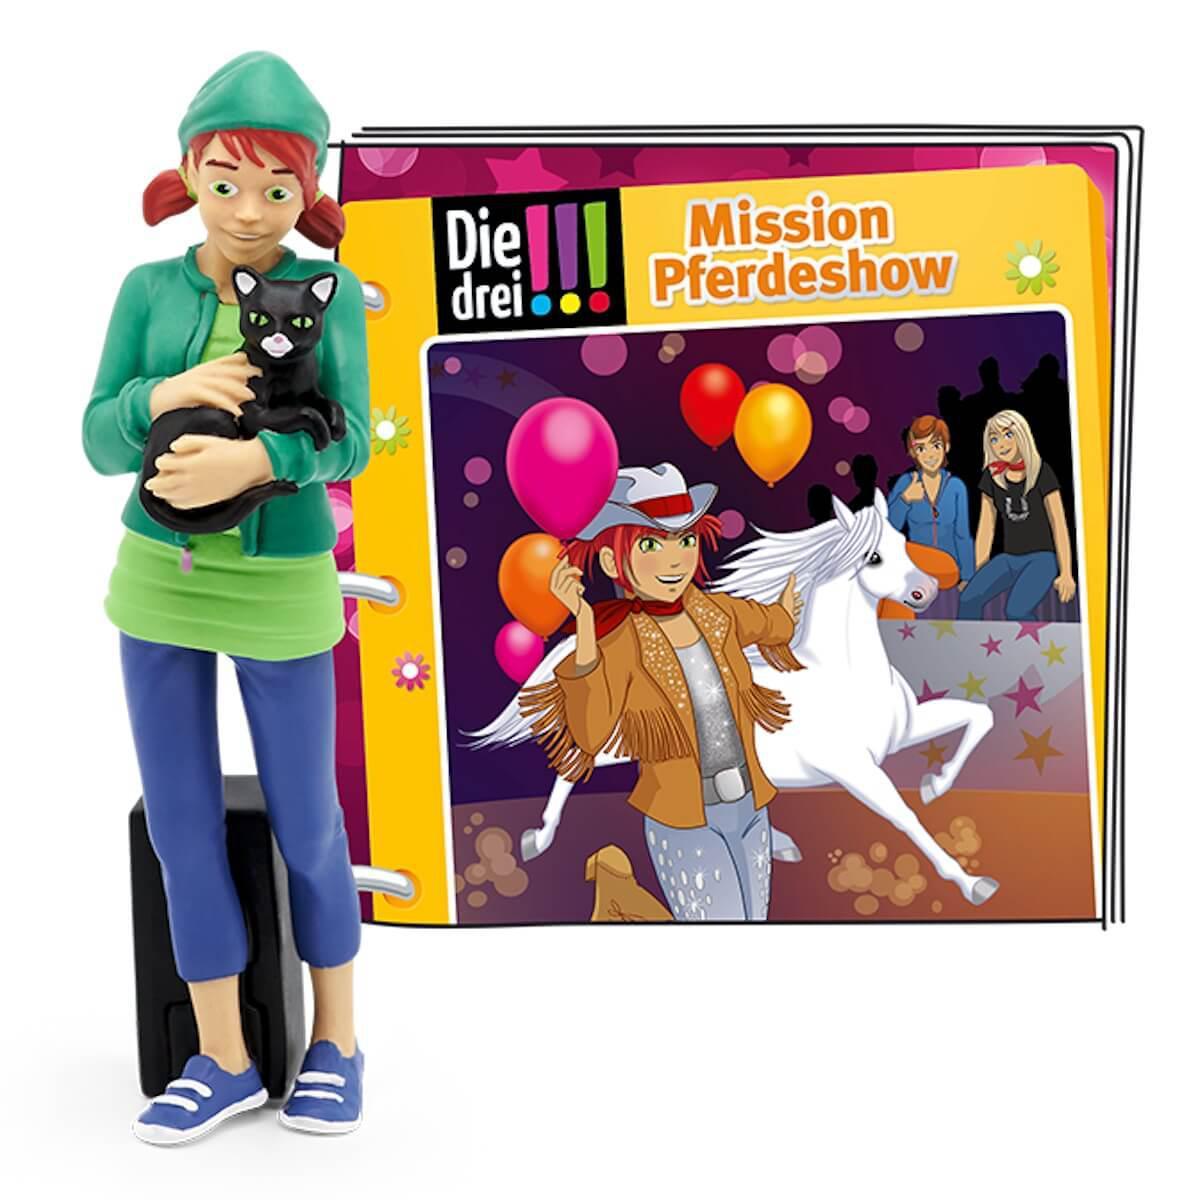 Hörspielfigur TONIES Die drei !!! Mission Pferdeshow